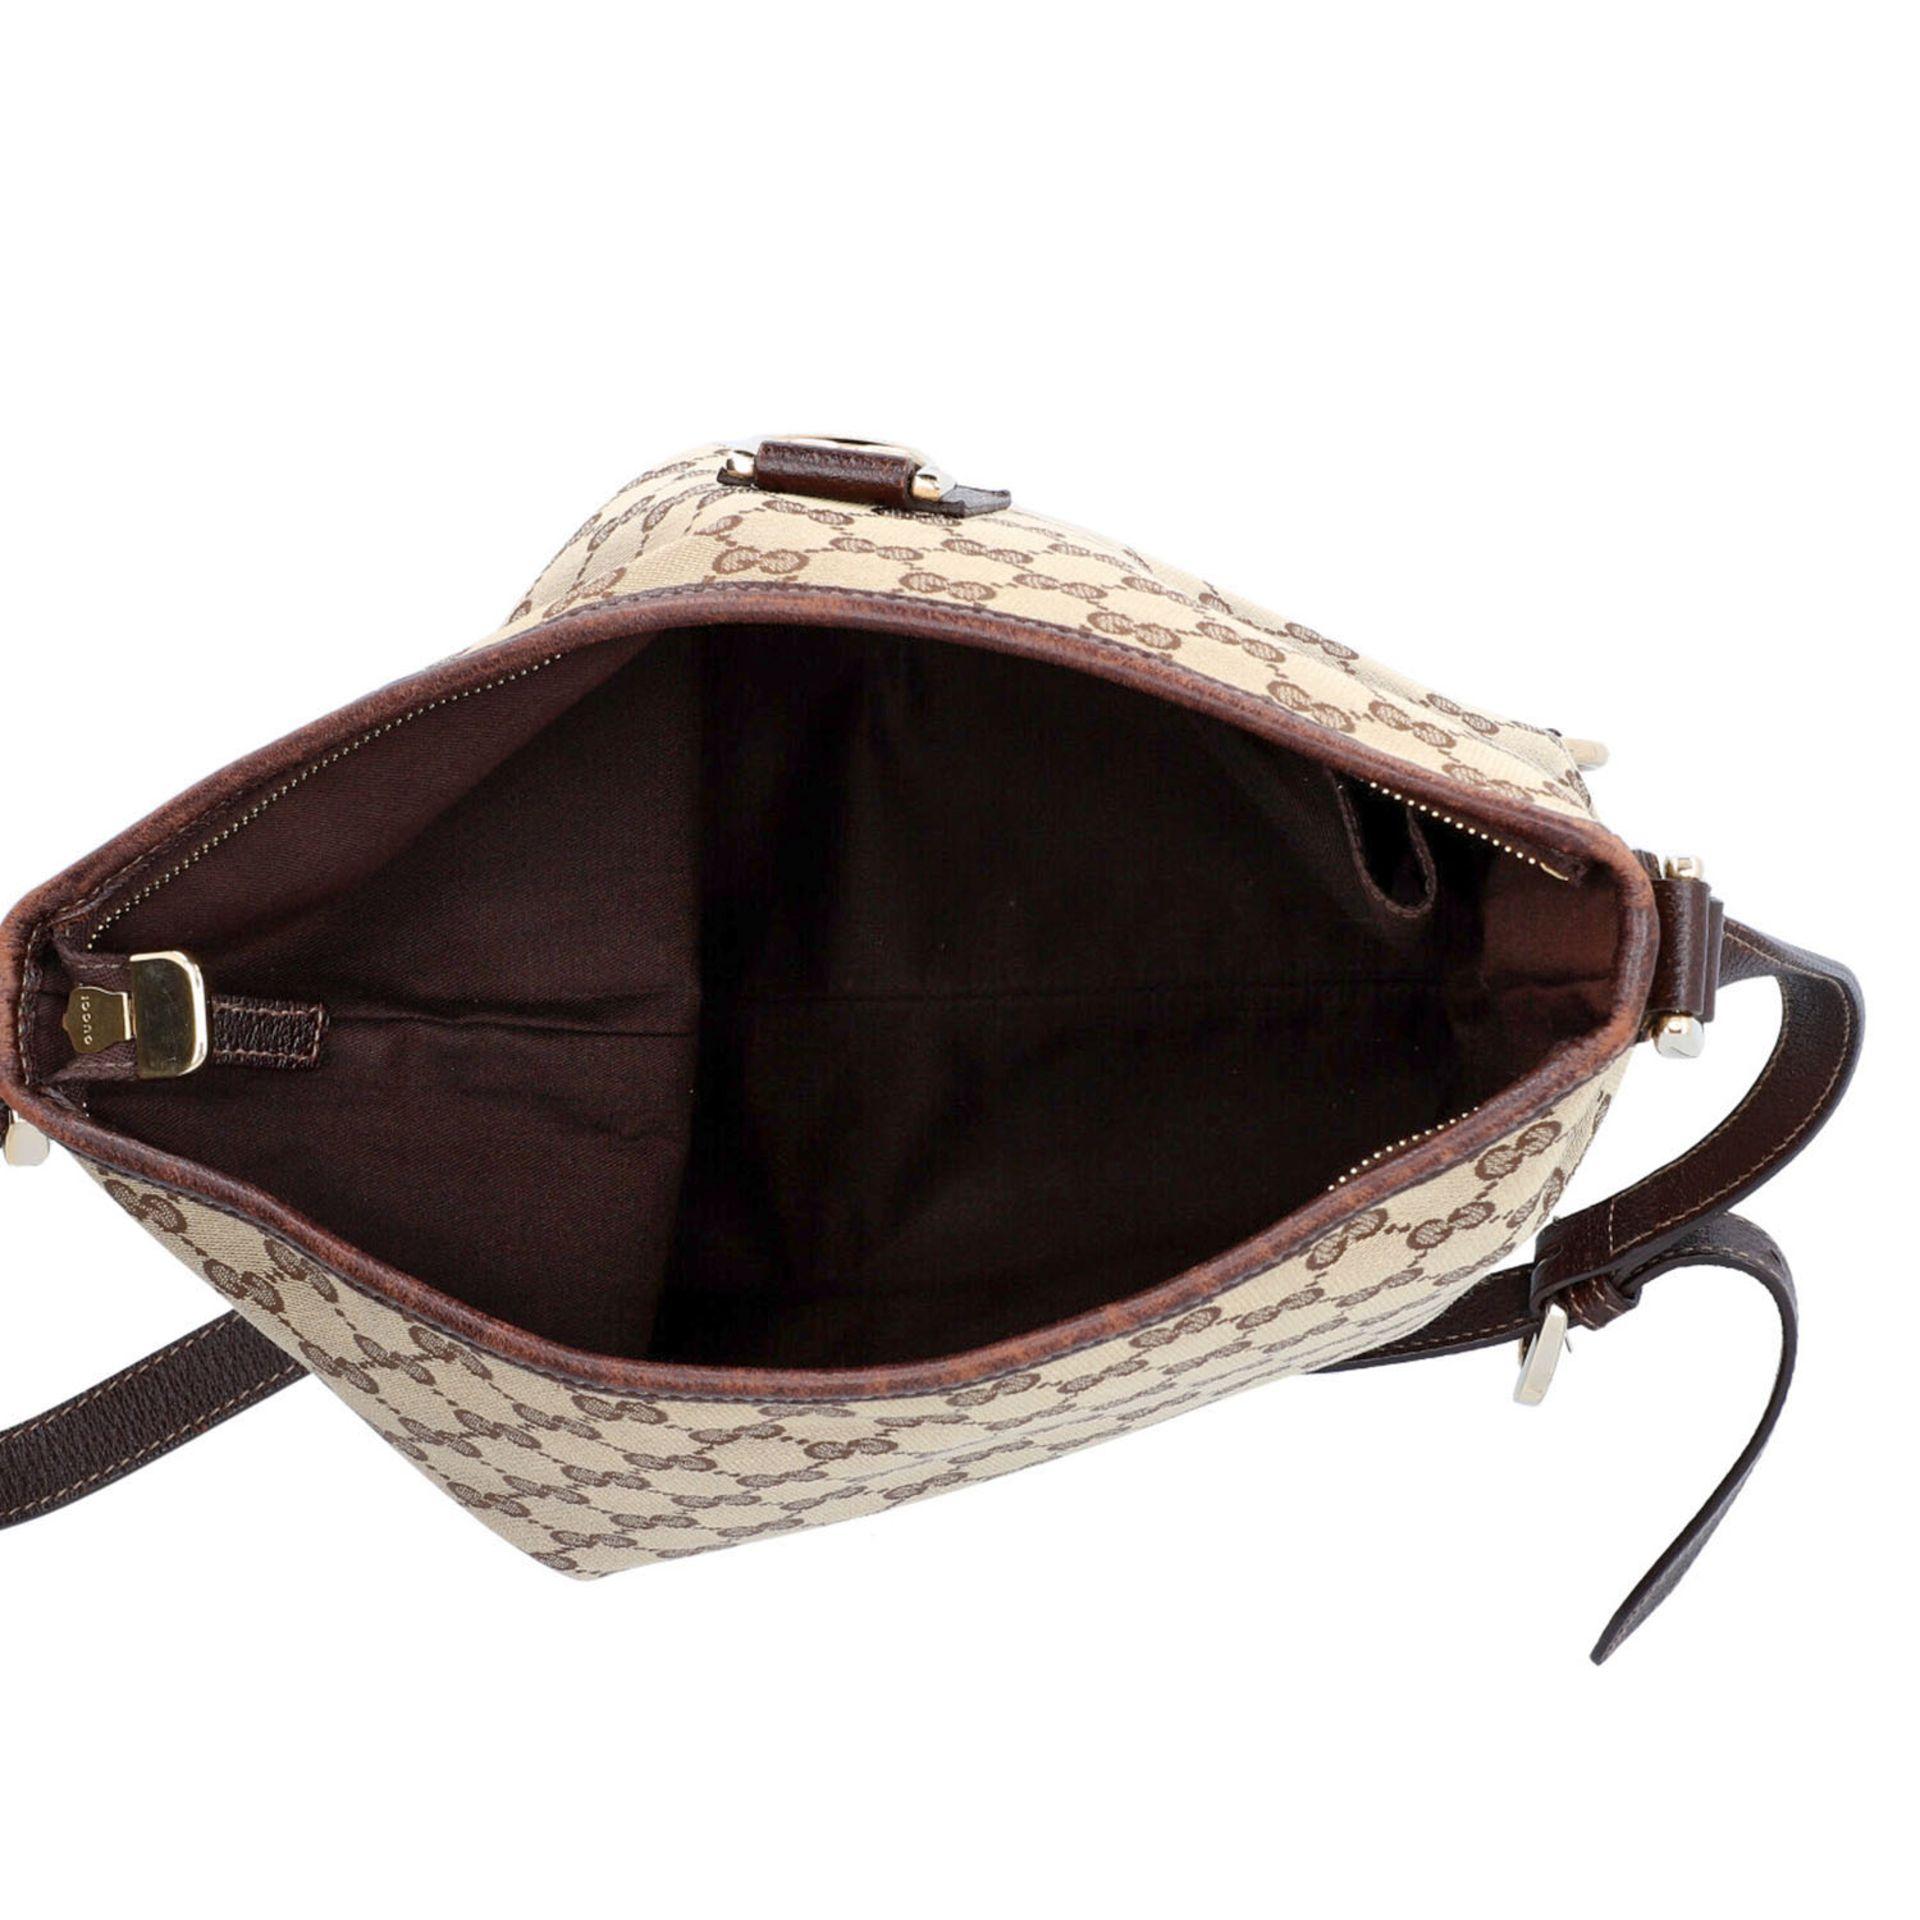 GUCCI Handtasche. Guccissima Design auf Textil in Beige und Braun, braunfarbene Leder- - Image 6 of 8